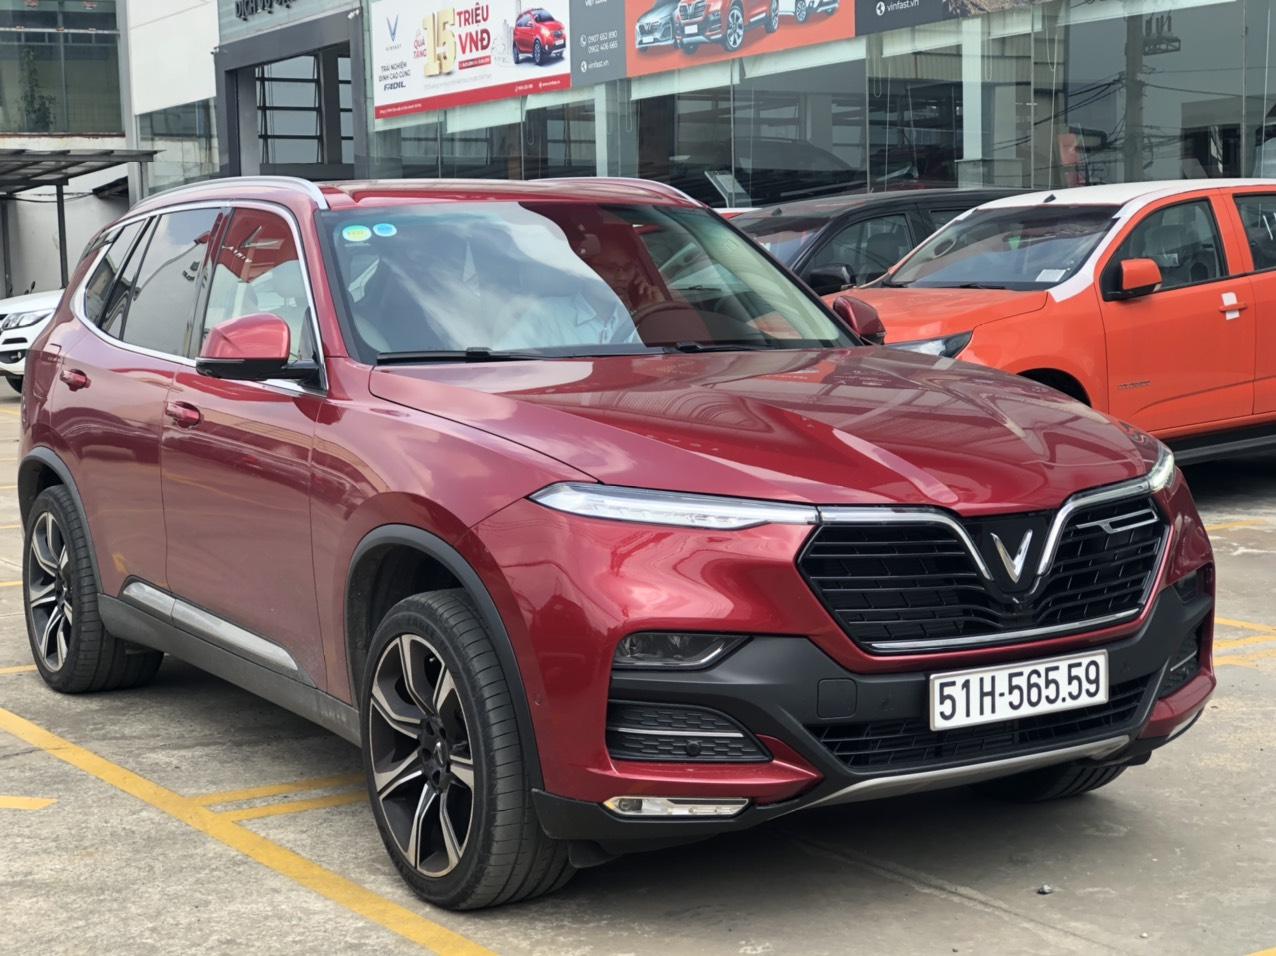 xe Lux SA màu đỏ